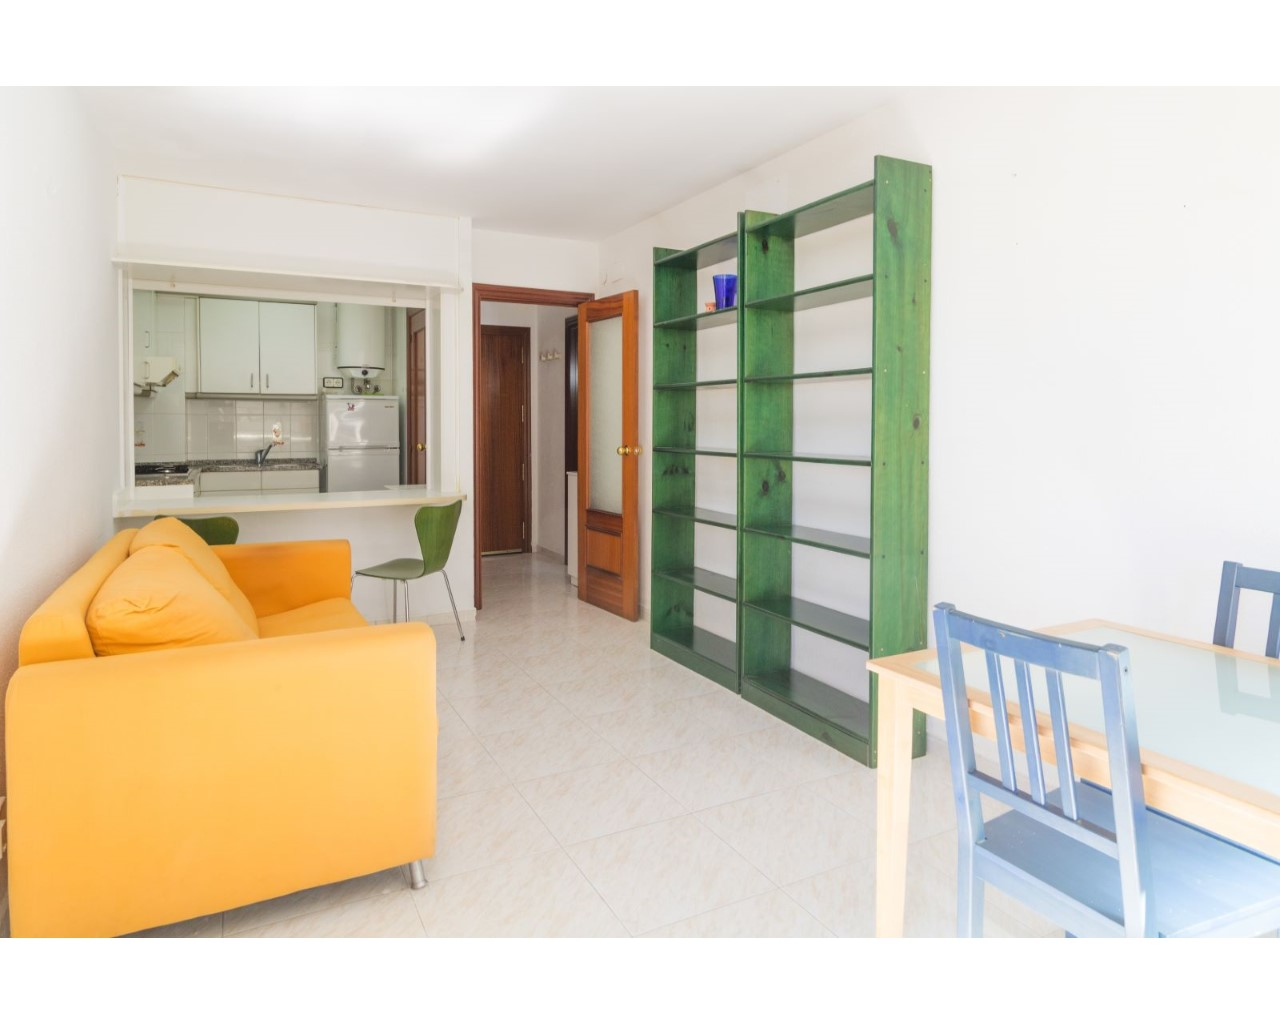 Caja de fotos inmobiliaria España